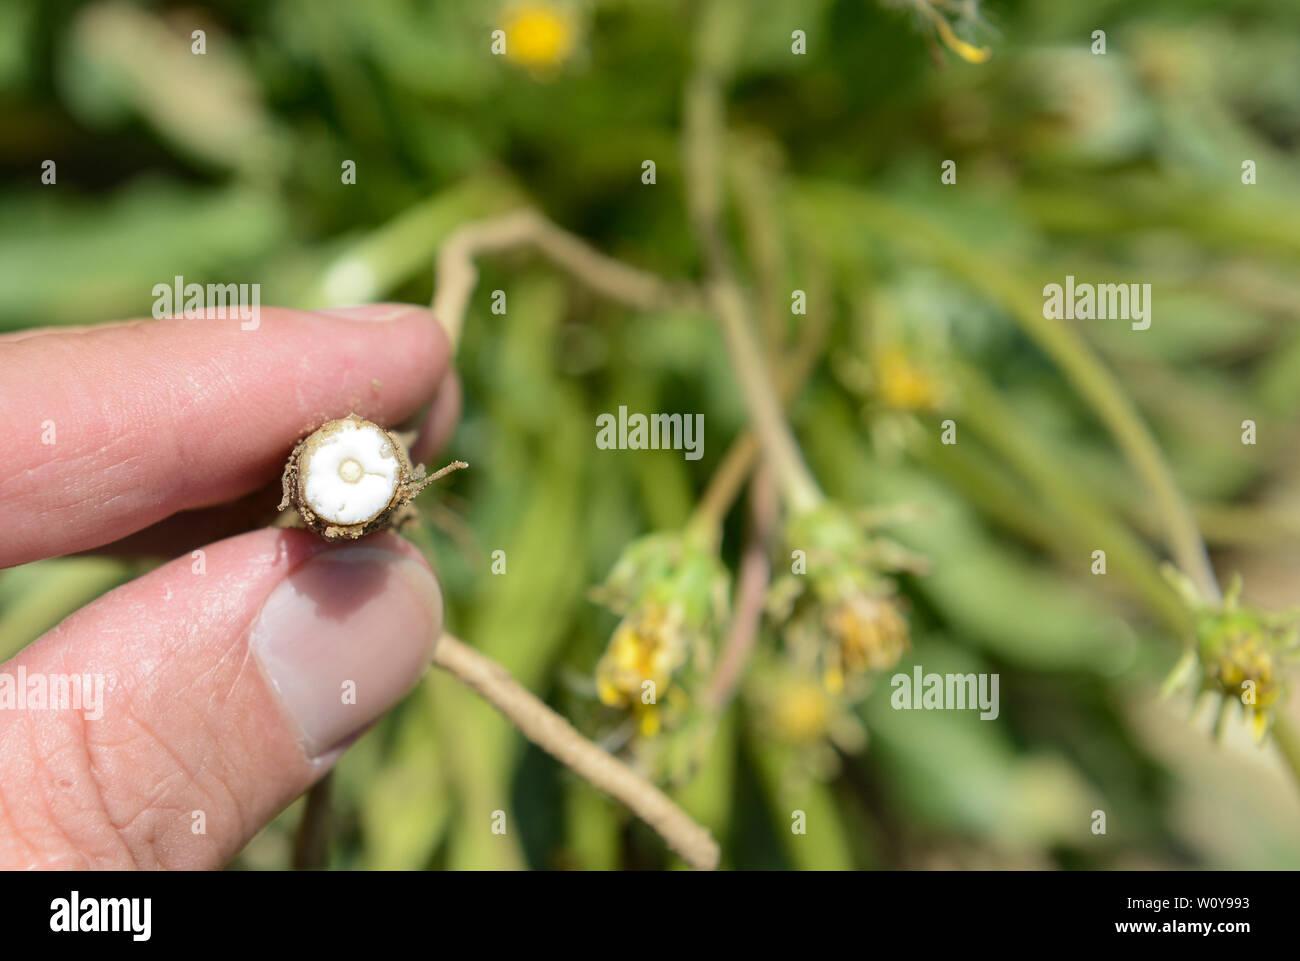 Naturkautschuk Latex Baum Seltene 5 Feinste Samen